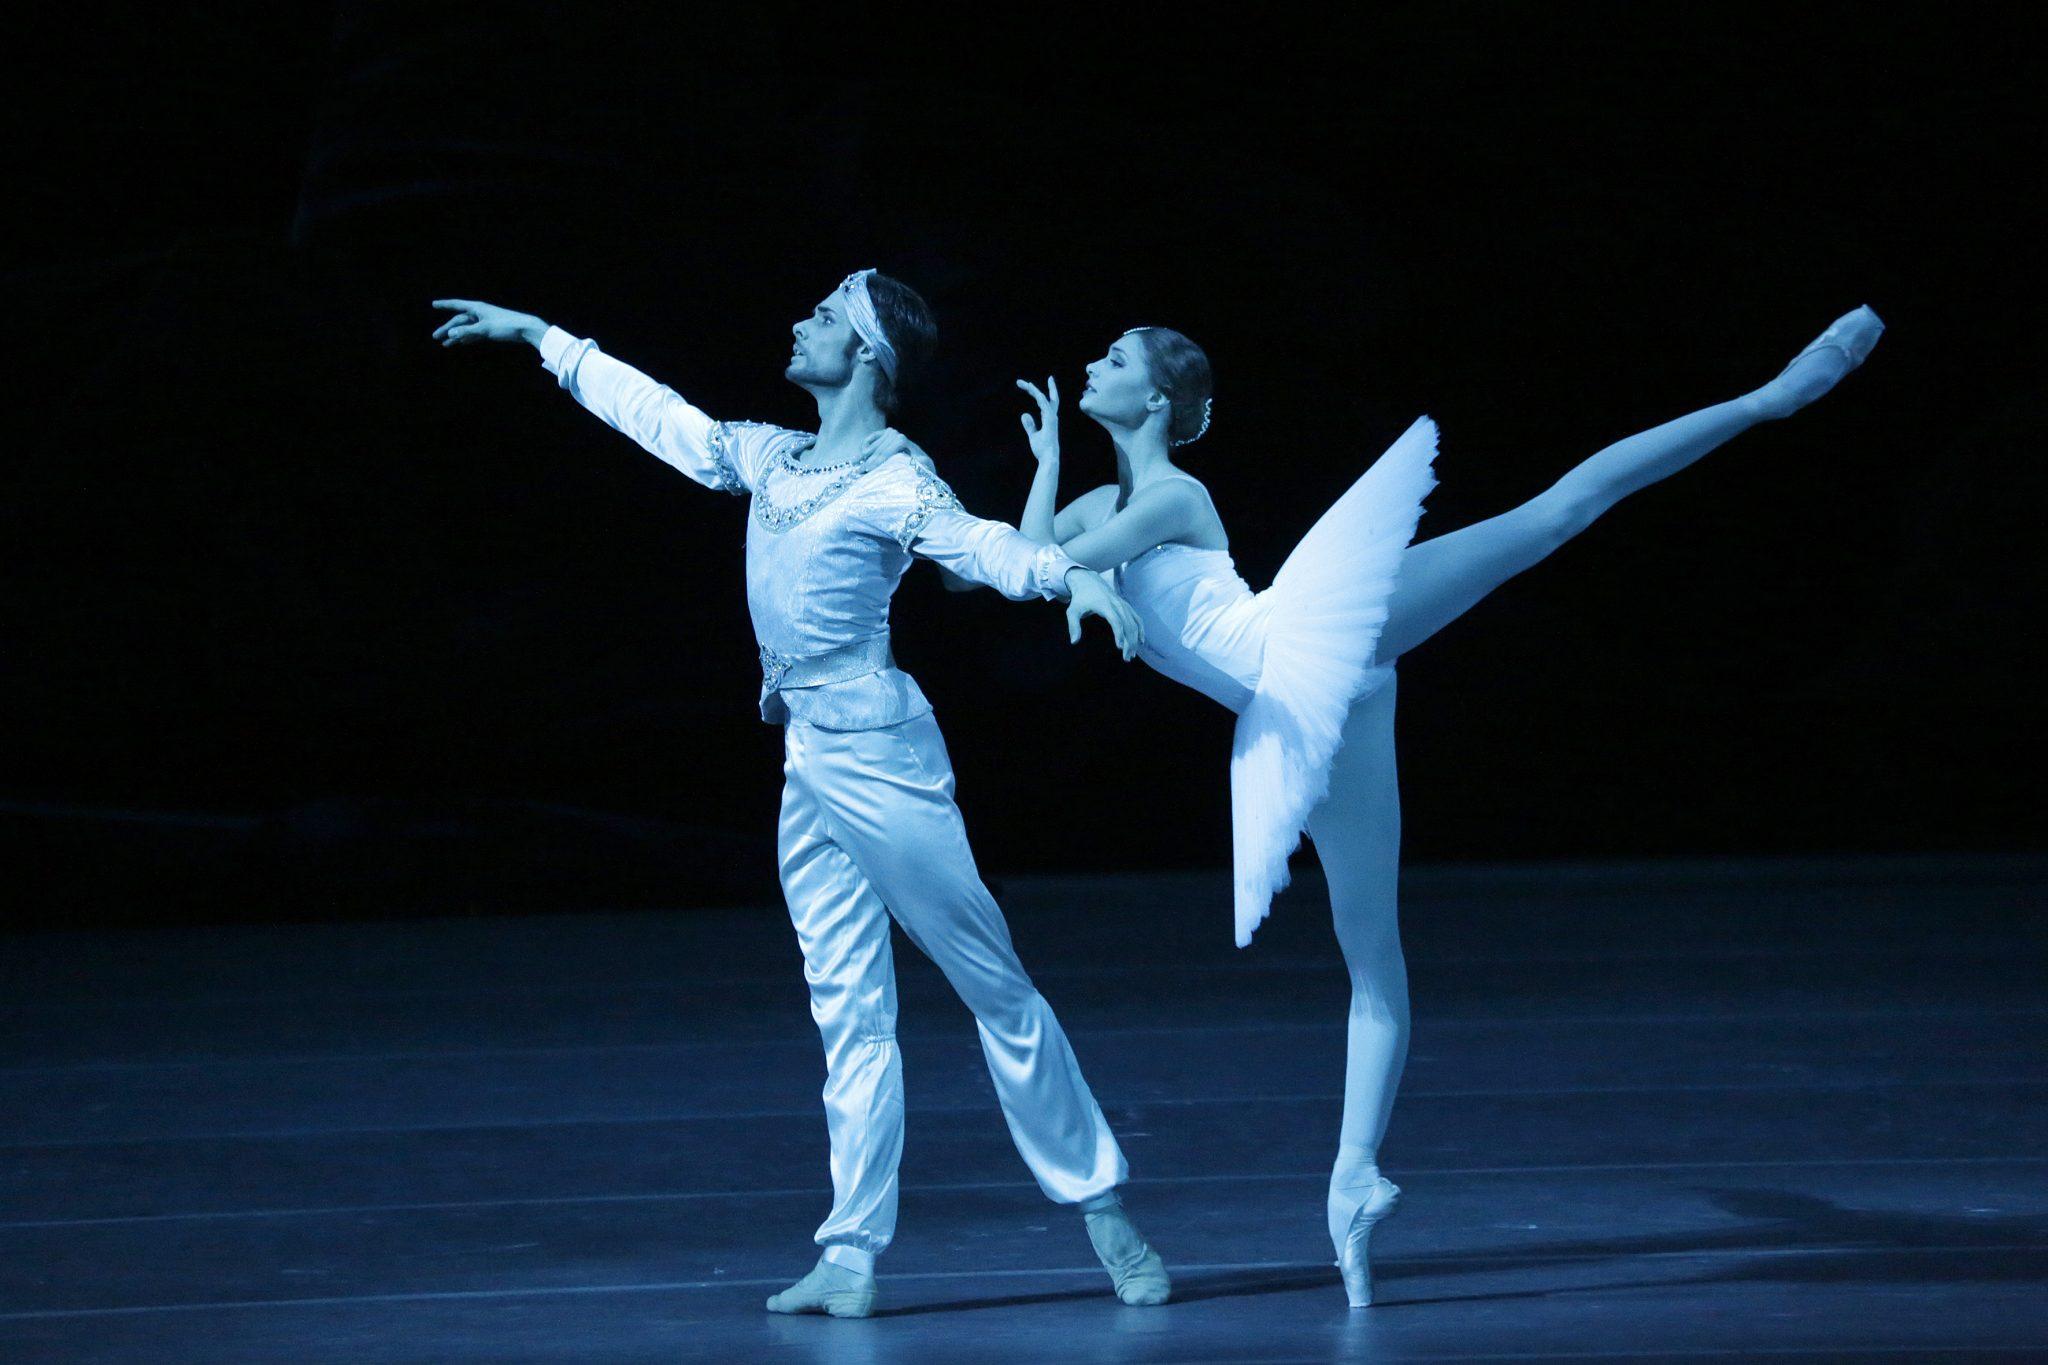 Il Balletto del Bol'šoj torna alla Scala dopo 11 anni